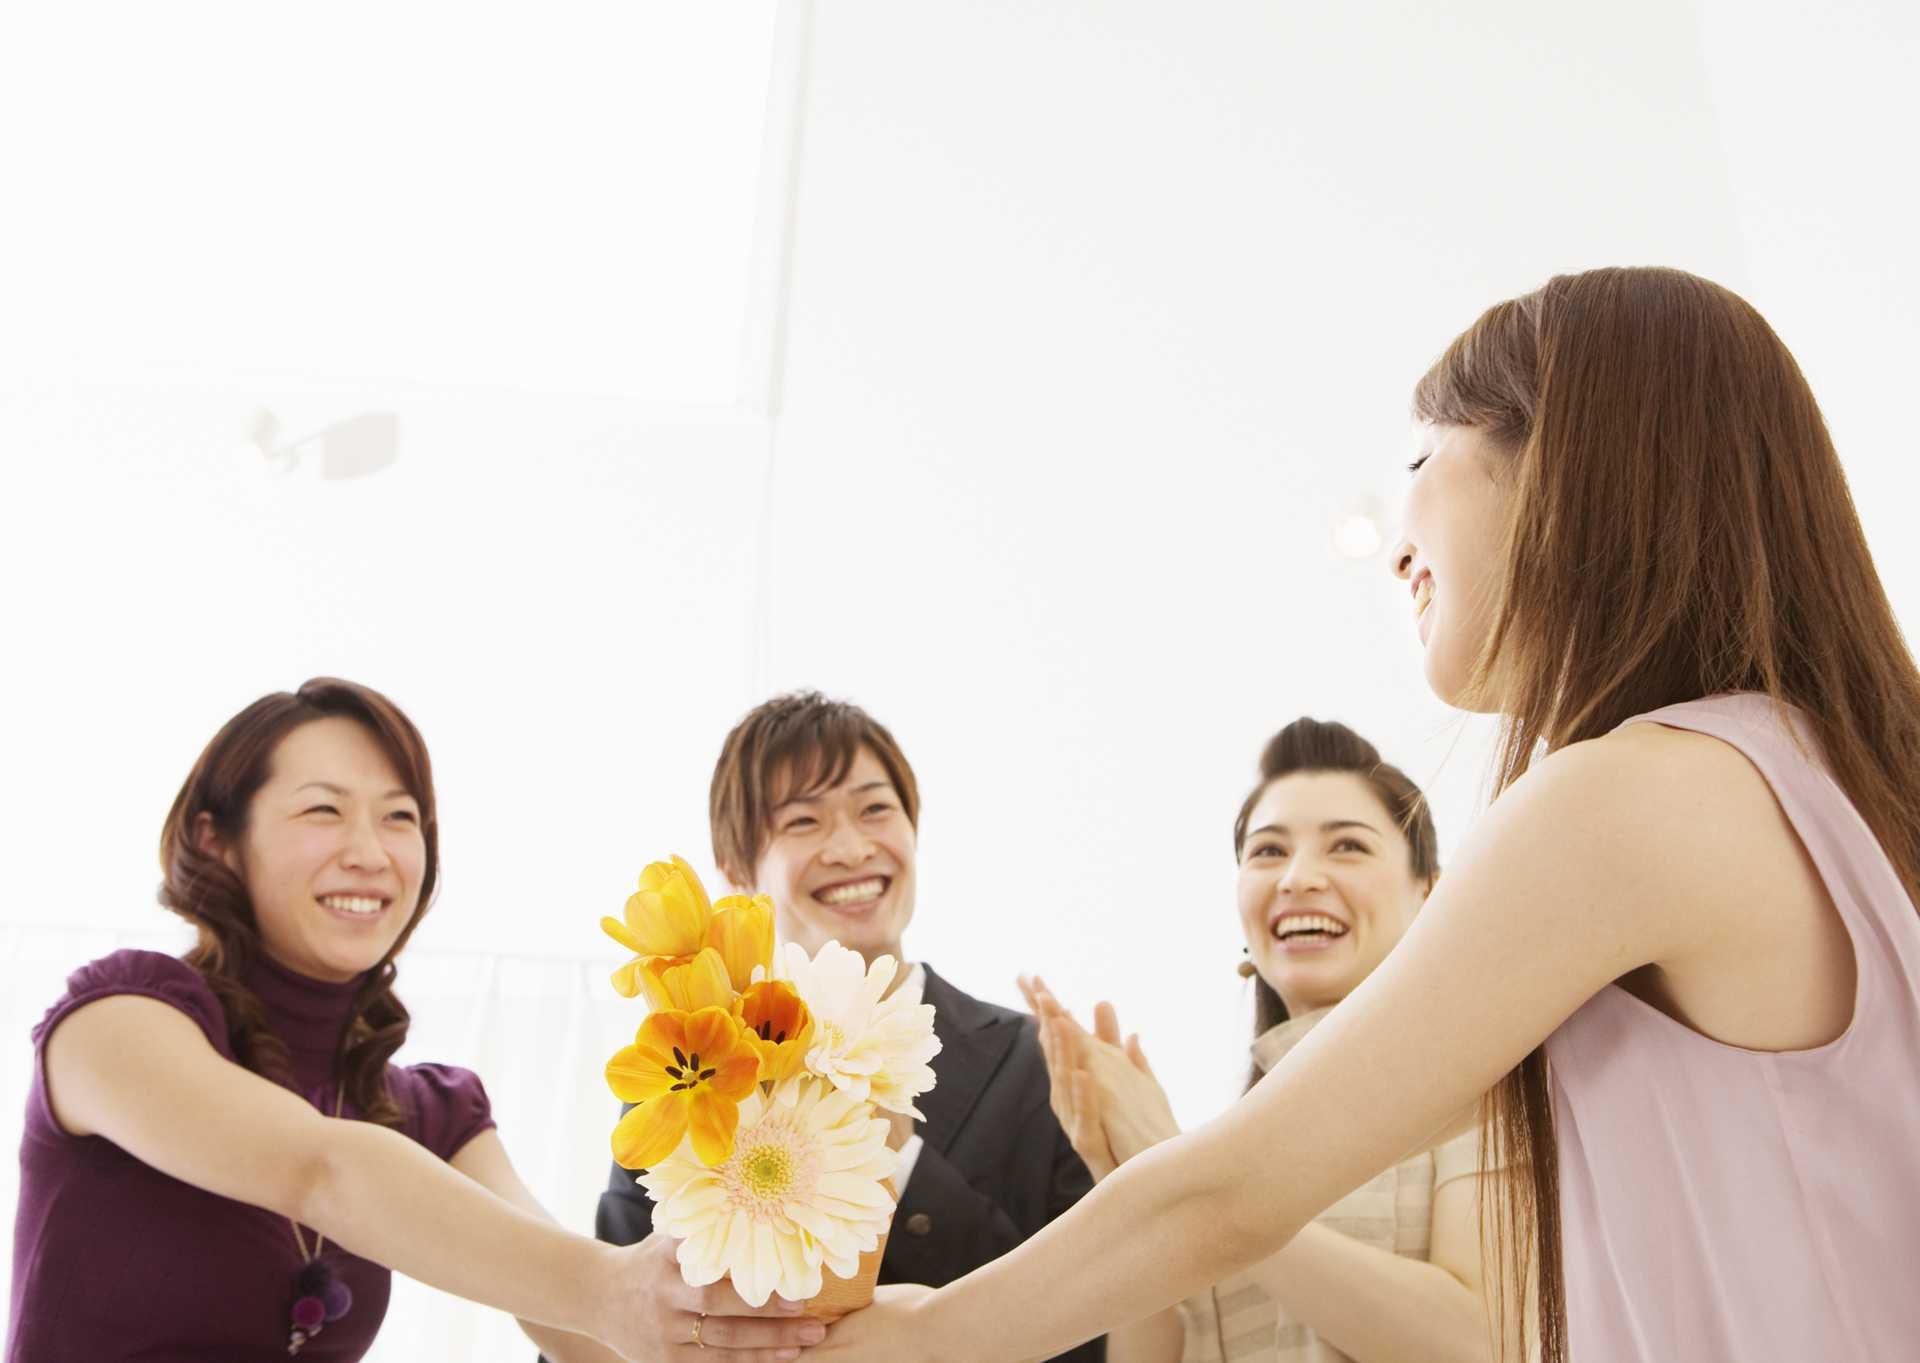 幸せは、独り占めするにつれて減り、分け与えるにつれて増えていく。 | 幸せな気分になる30の方法